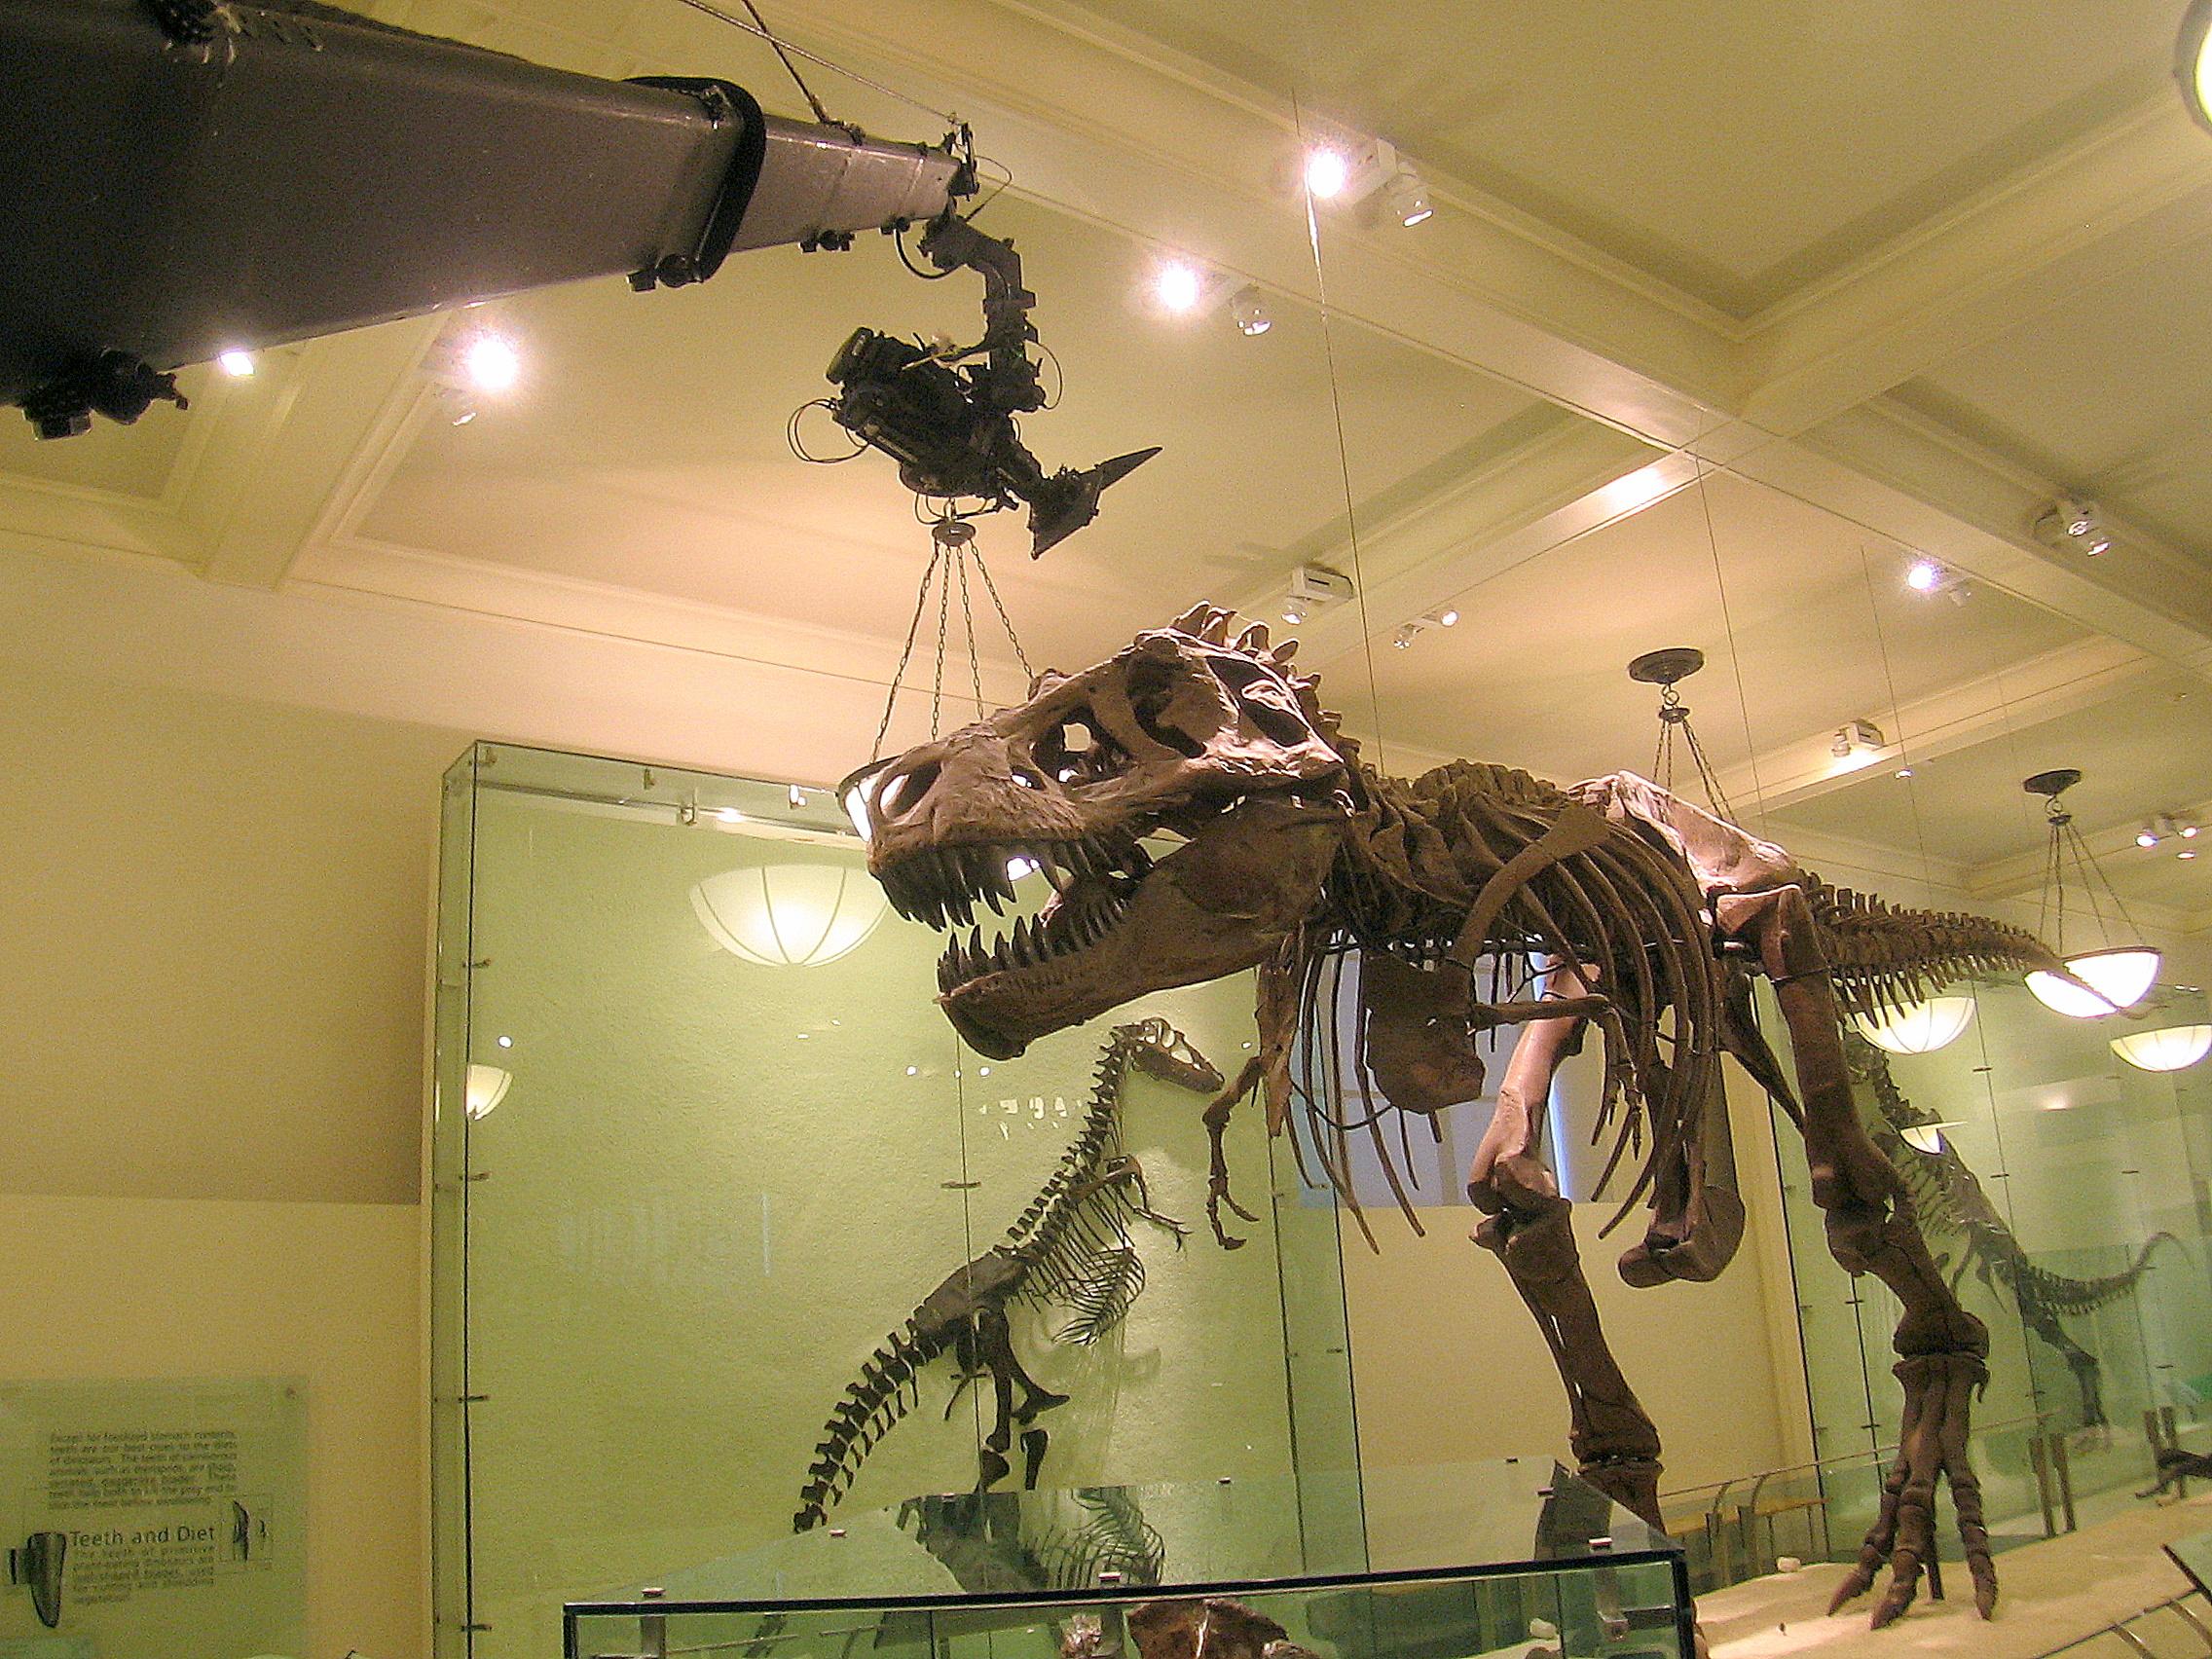 New York Jib, jimmy jib at Museum of Natural History, NYC